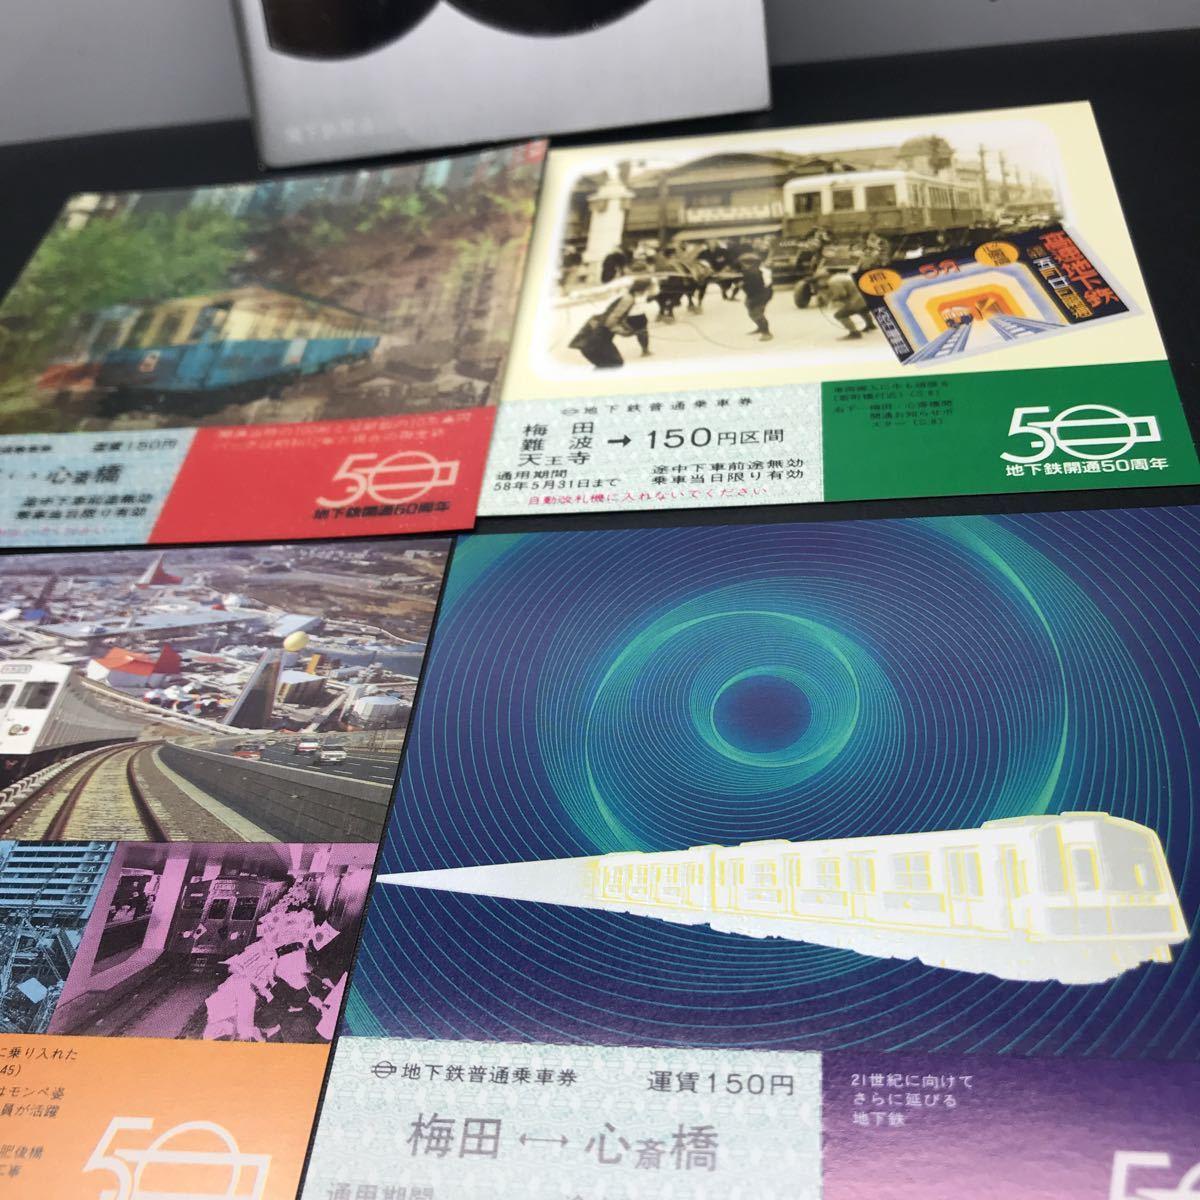 1111 大阪市交通局 地下鉄開通50周年記念乗車券 昭和58年 4枚 当時物 コレクション 鉄道資料_画像10